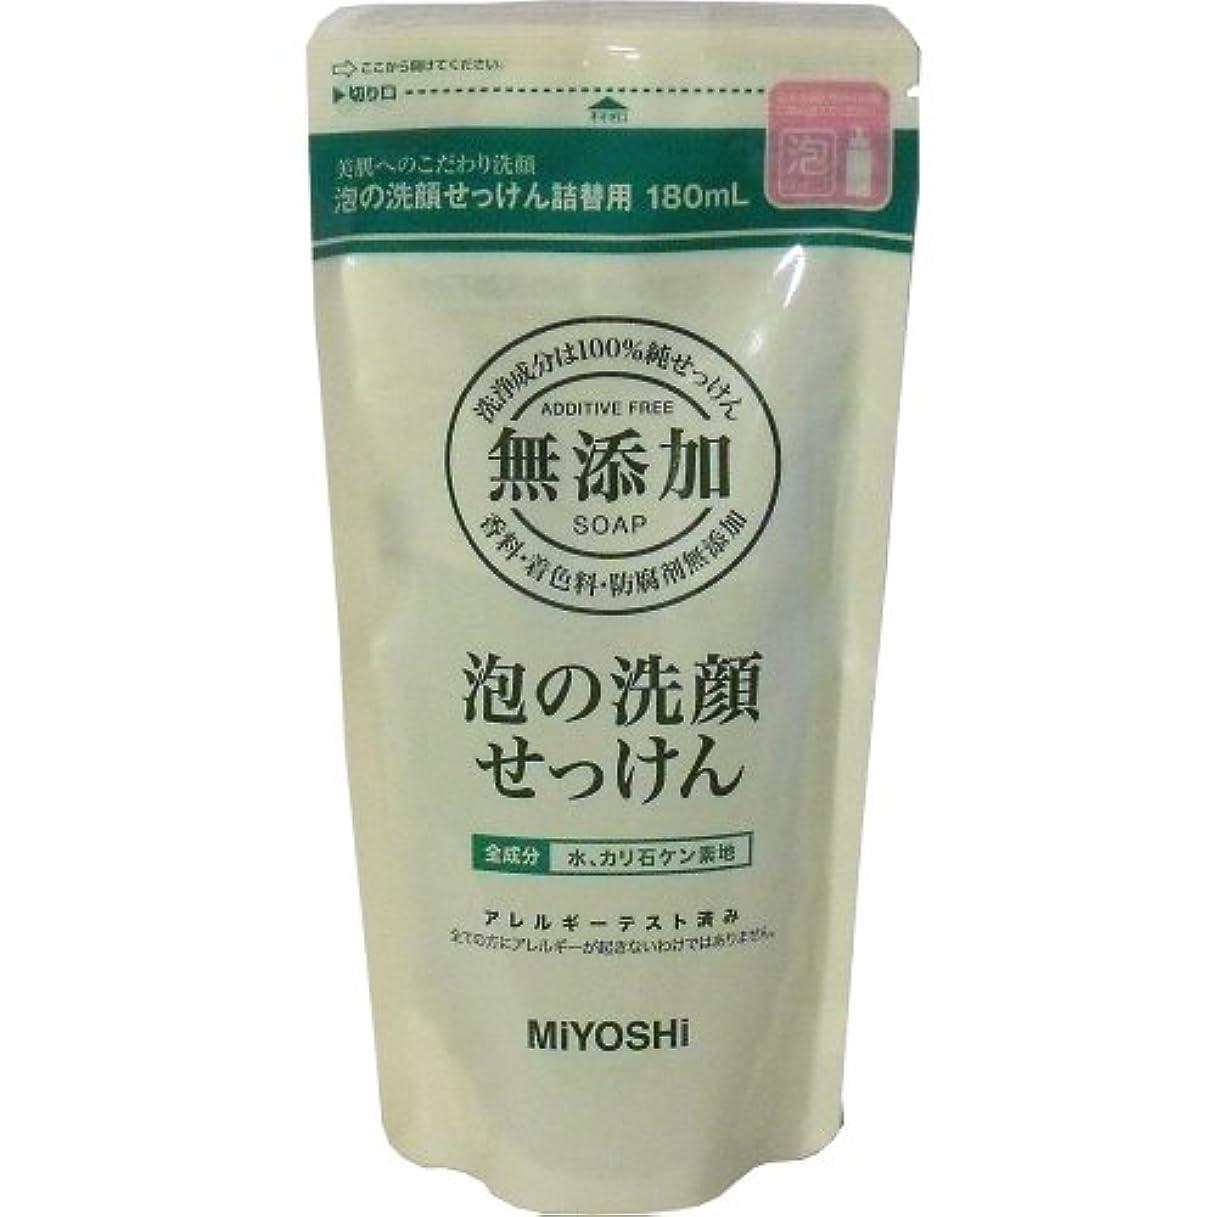 ミヨシ 無添加 泡の洗顔せっけん つめかえ用 180ml(無添加石鹸)【7セット】